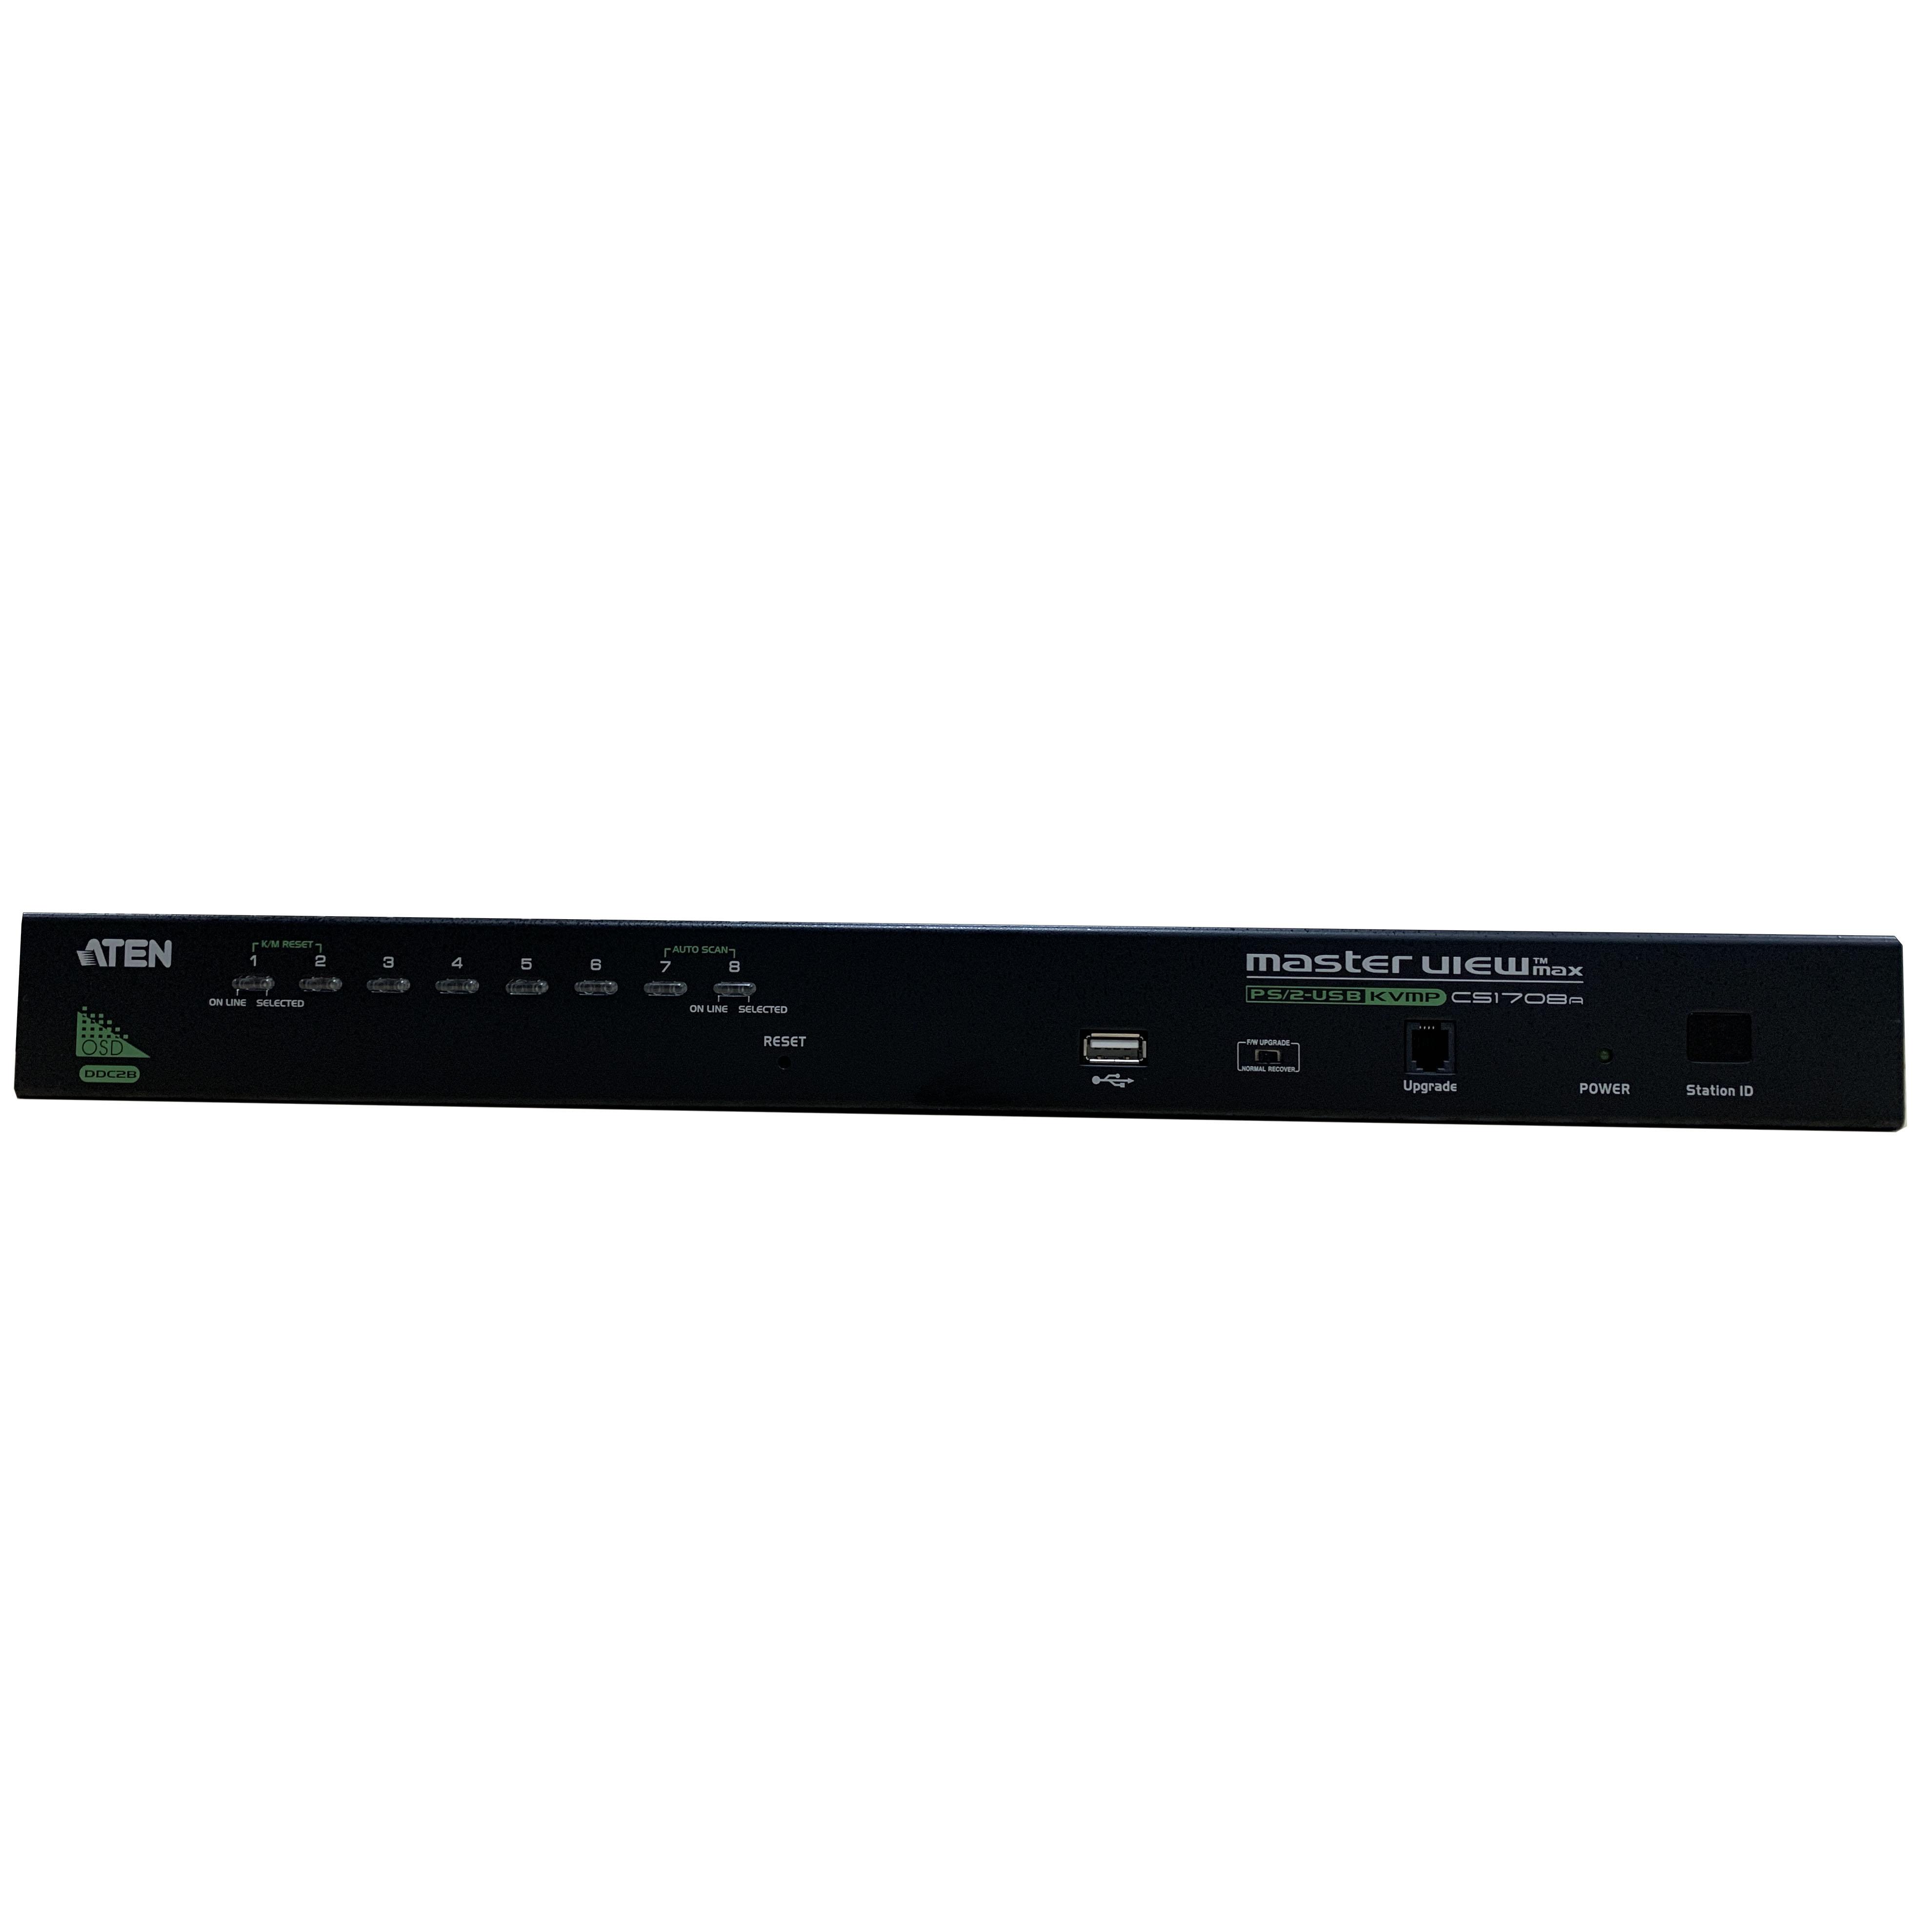 Bộ chuyển đổi KVM Switch PS/2-USB VGA 8 port  - Aten CS1708A - Hàng chính hãng